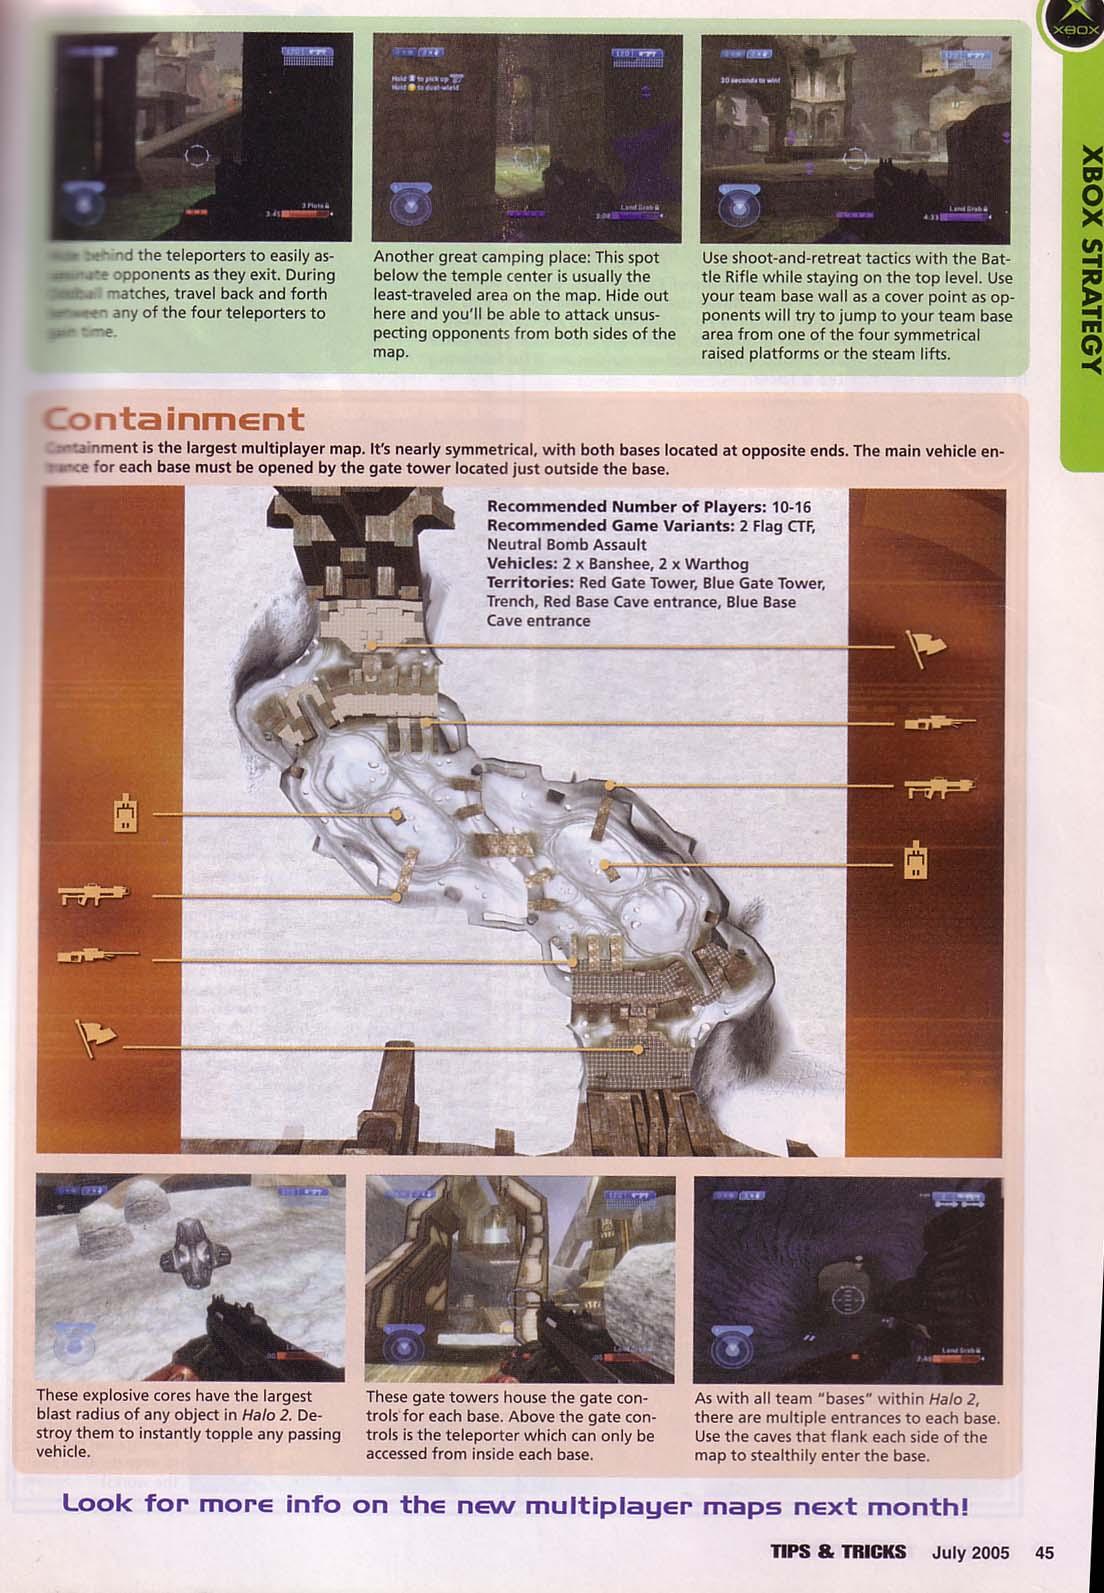 TipsandTricks_July_2005_Halo_pg2_Strategy.jpg